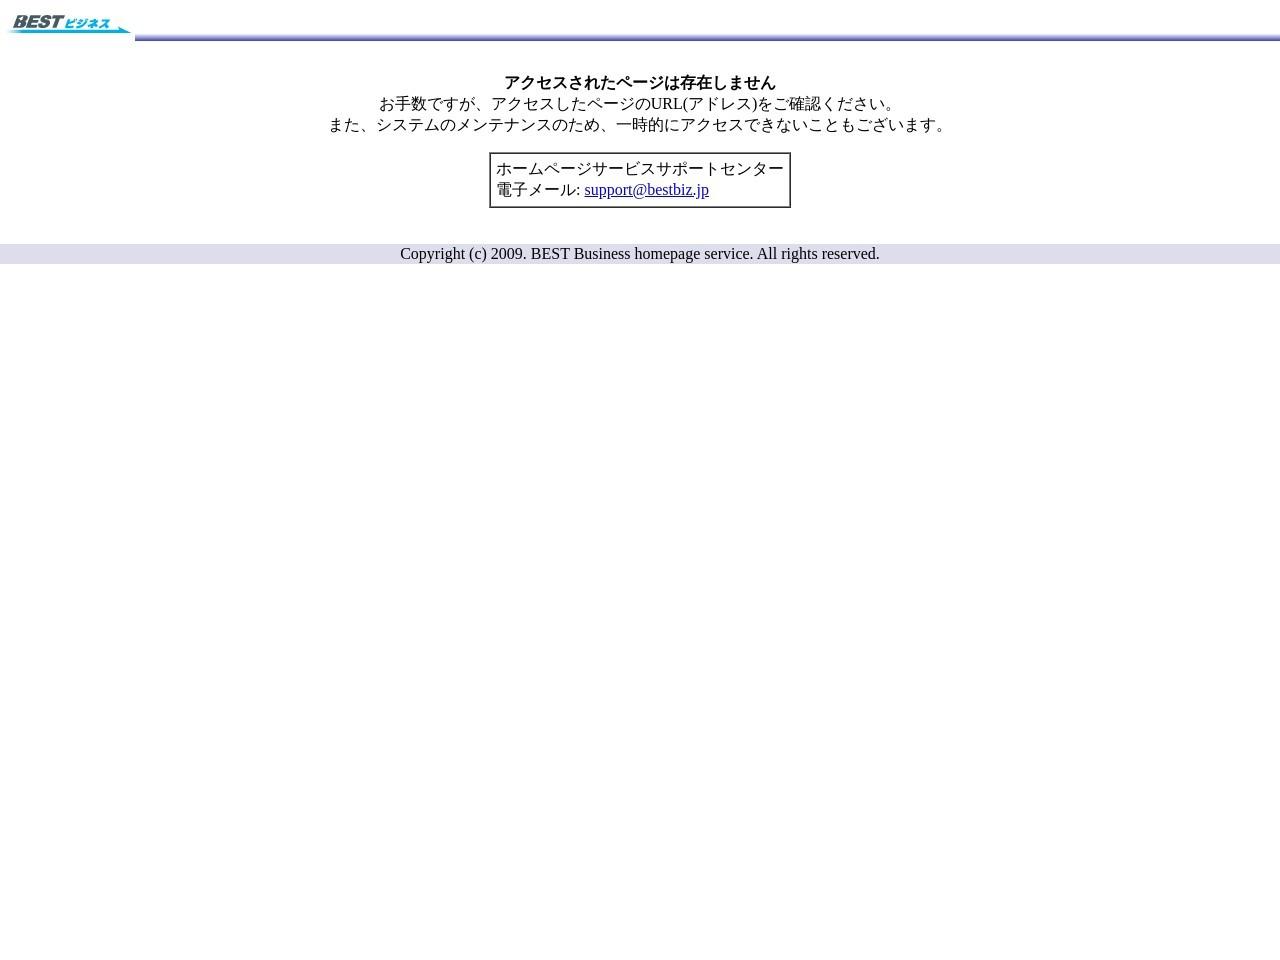 医療法人明誠会 古川歯科医院 (青森県八戸市)